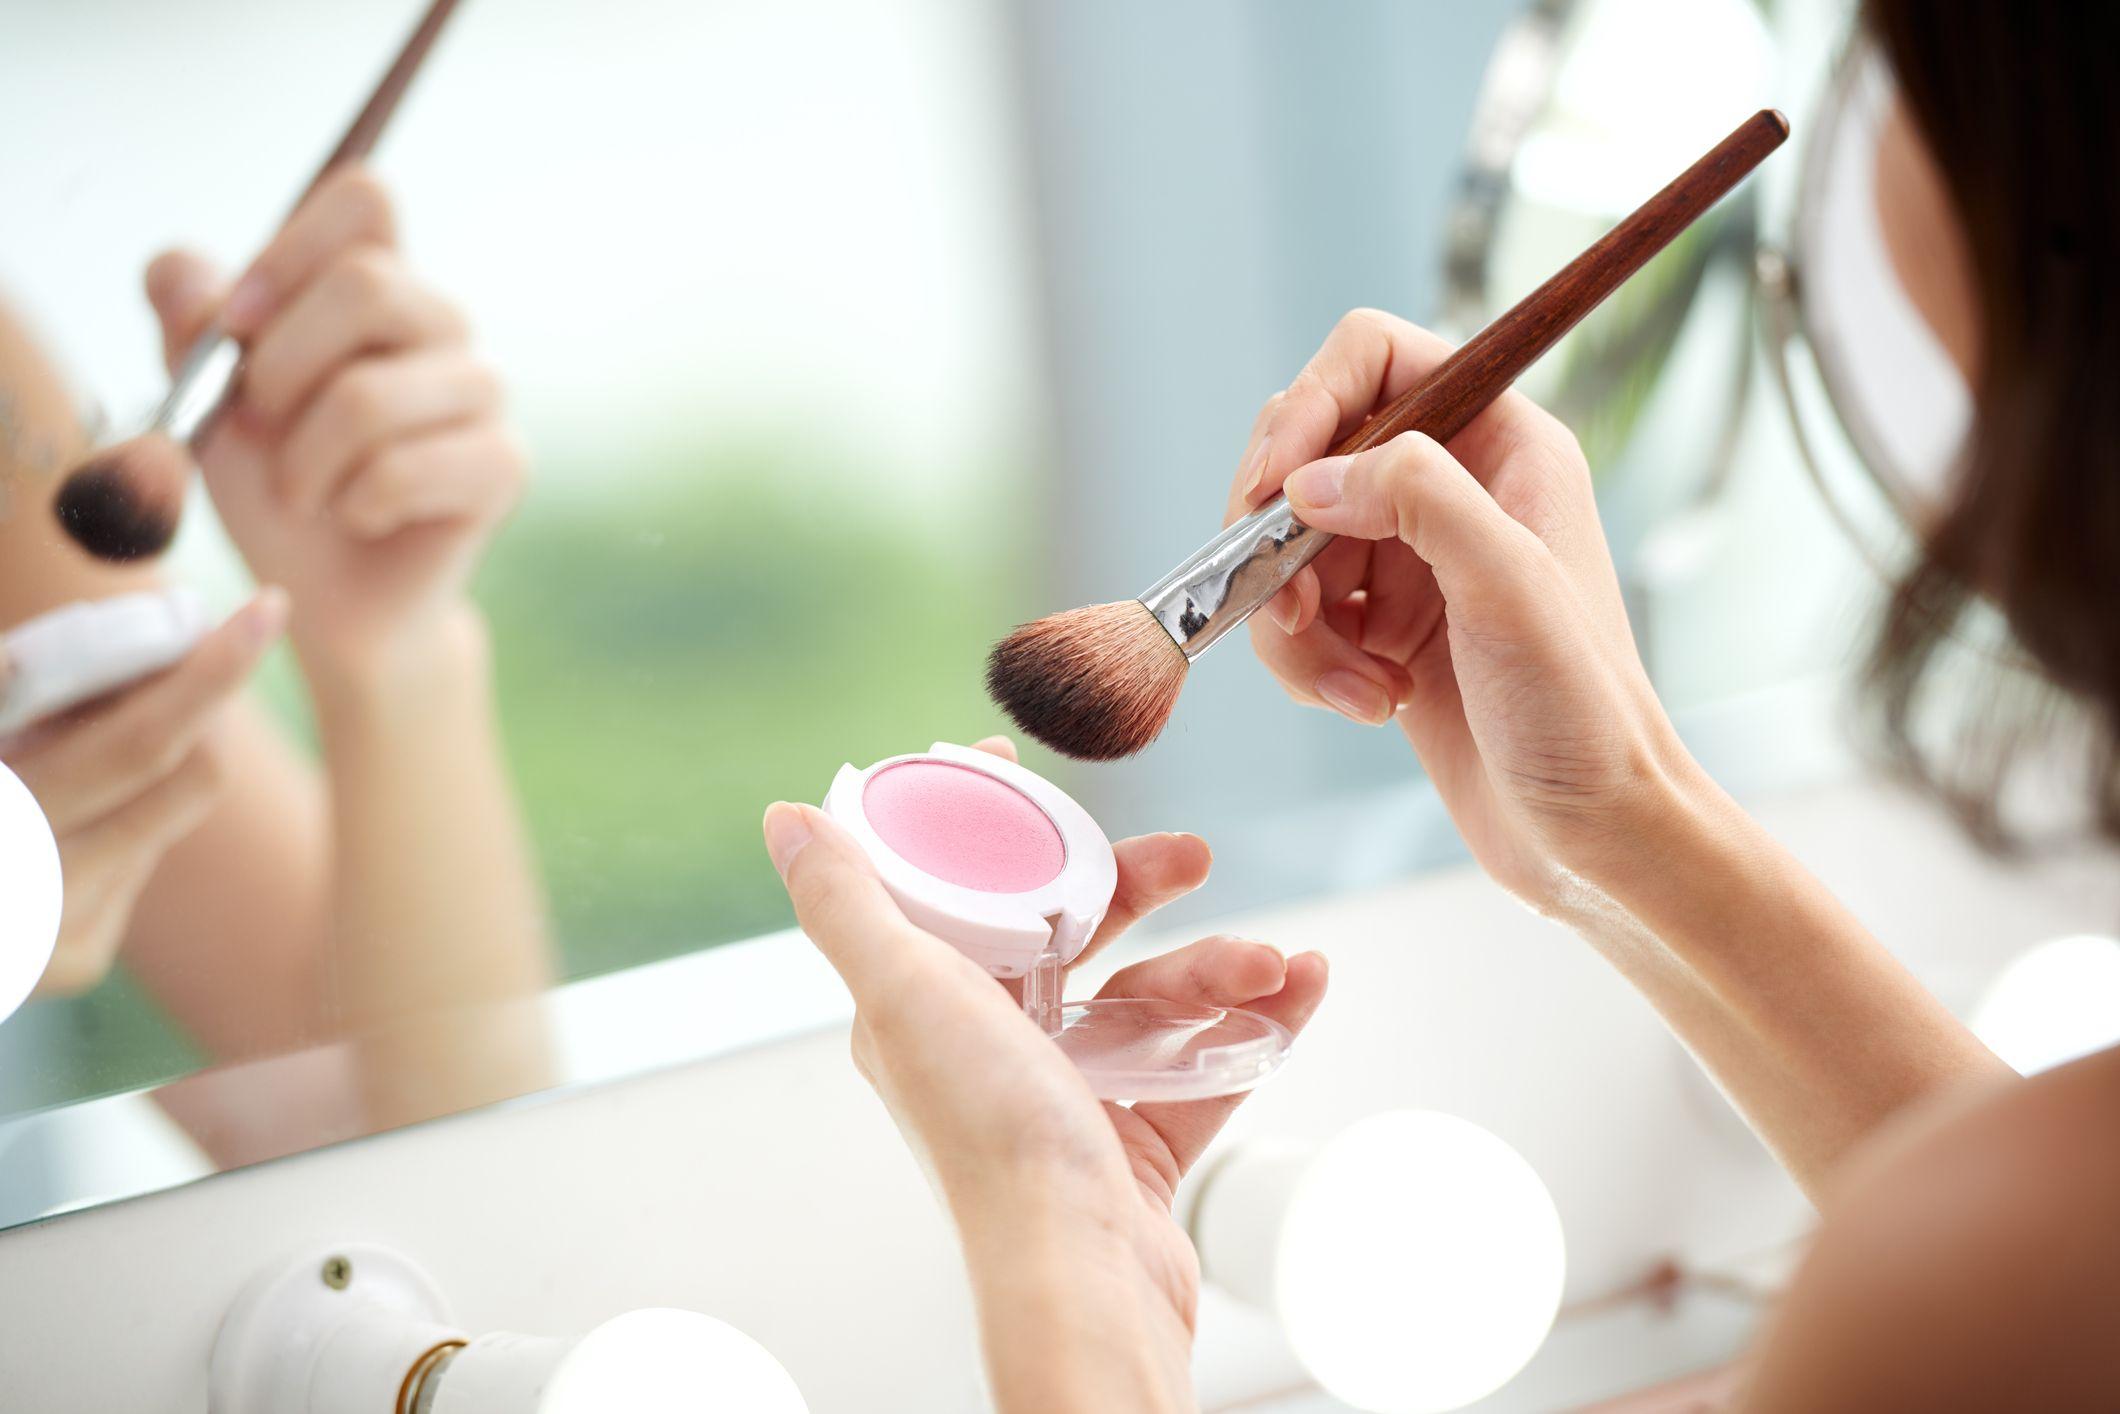 El colorete en crema deja una textura muy favorecedora sobre las pieles bronceadas.